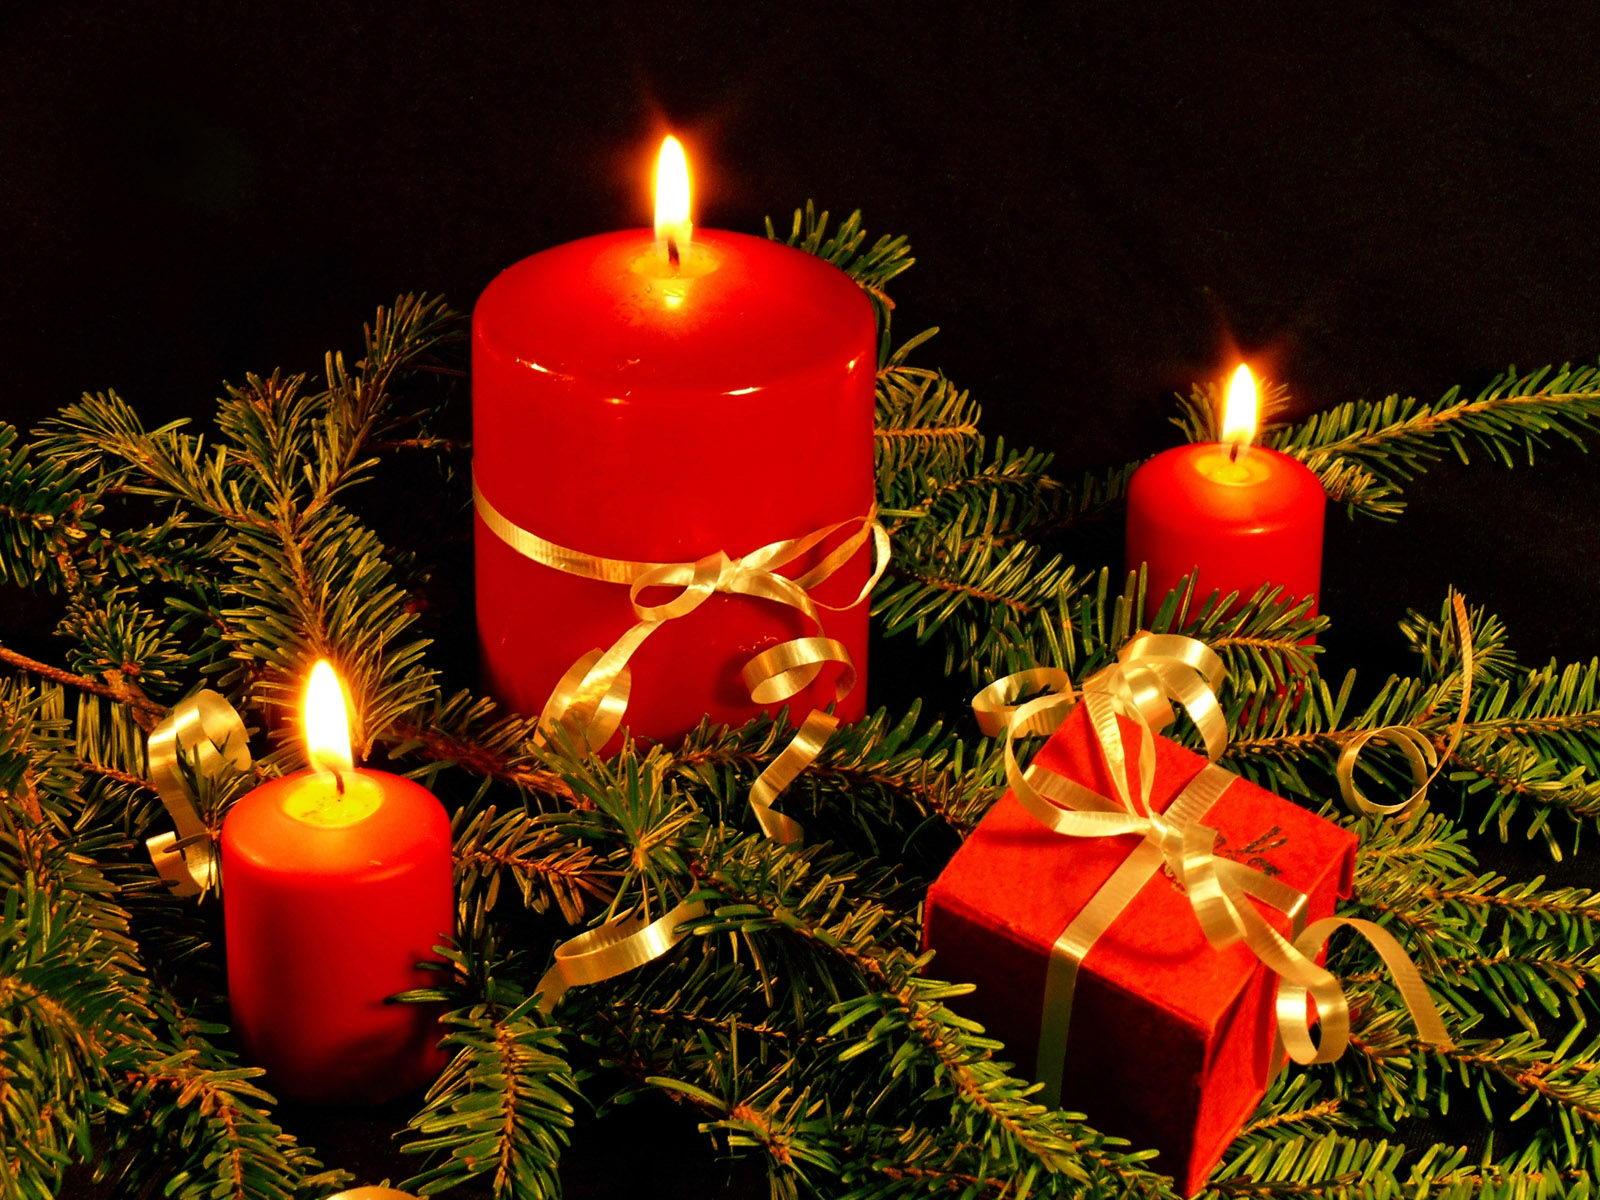 祝日壁紙 無料ダウンロード クリスマスツリーとプレゼント